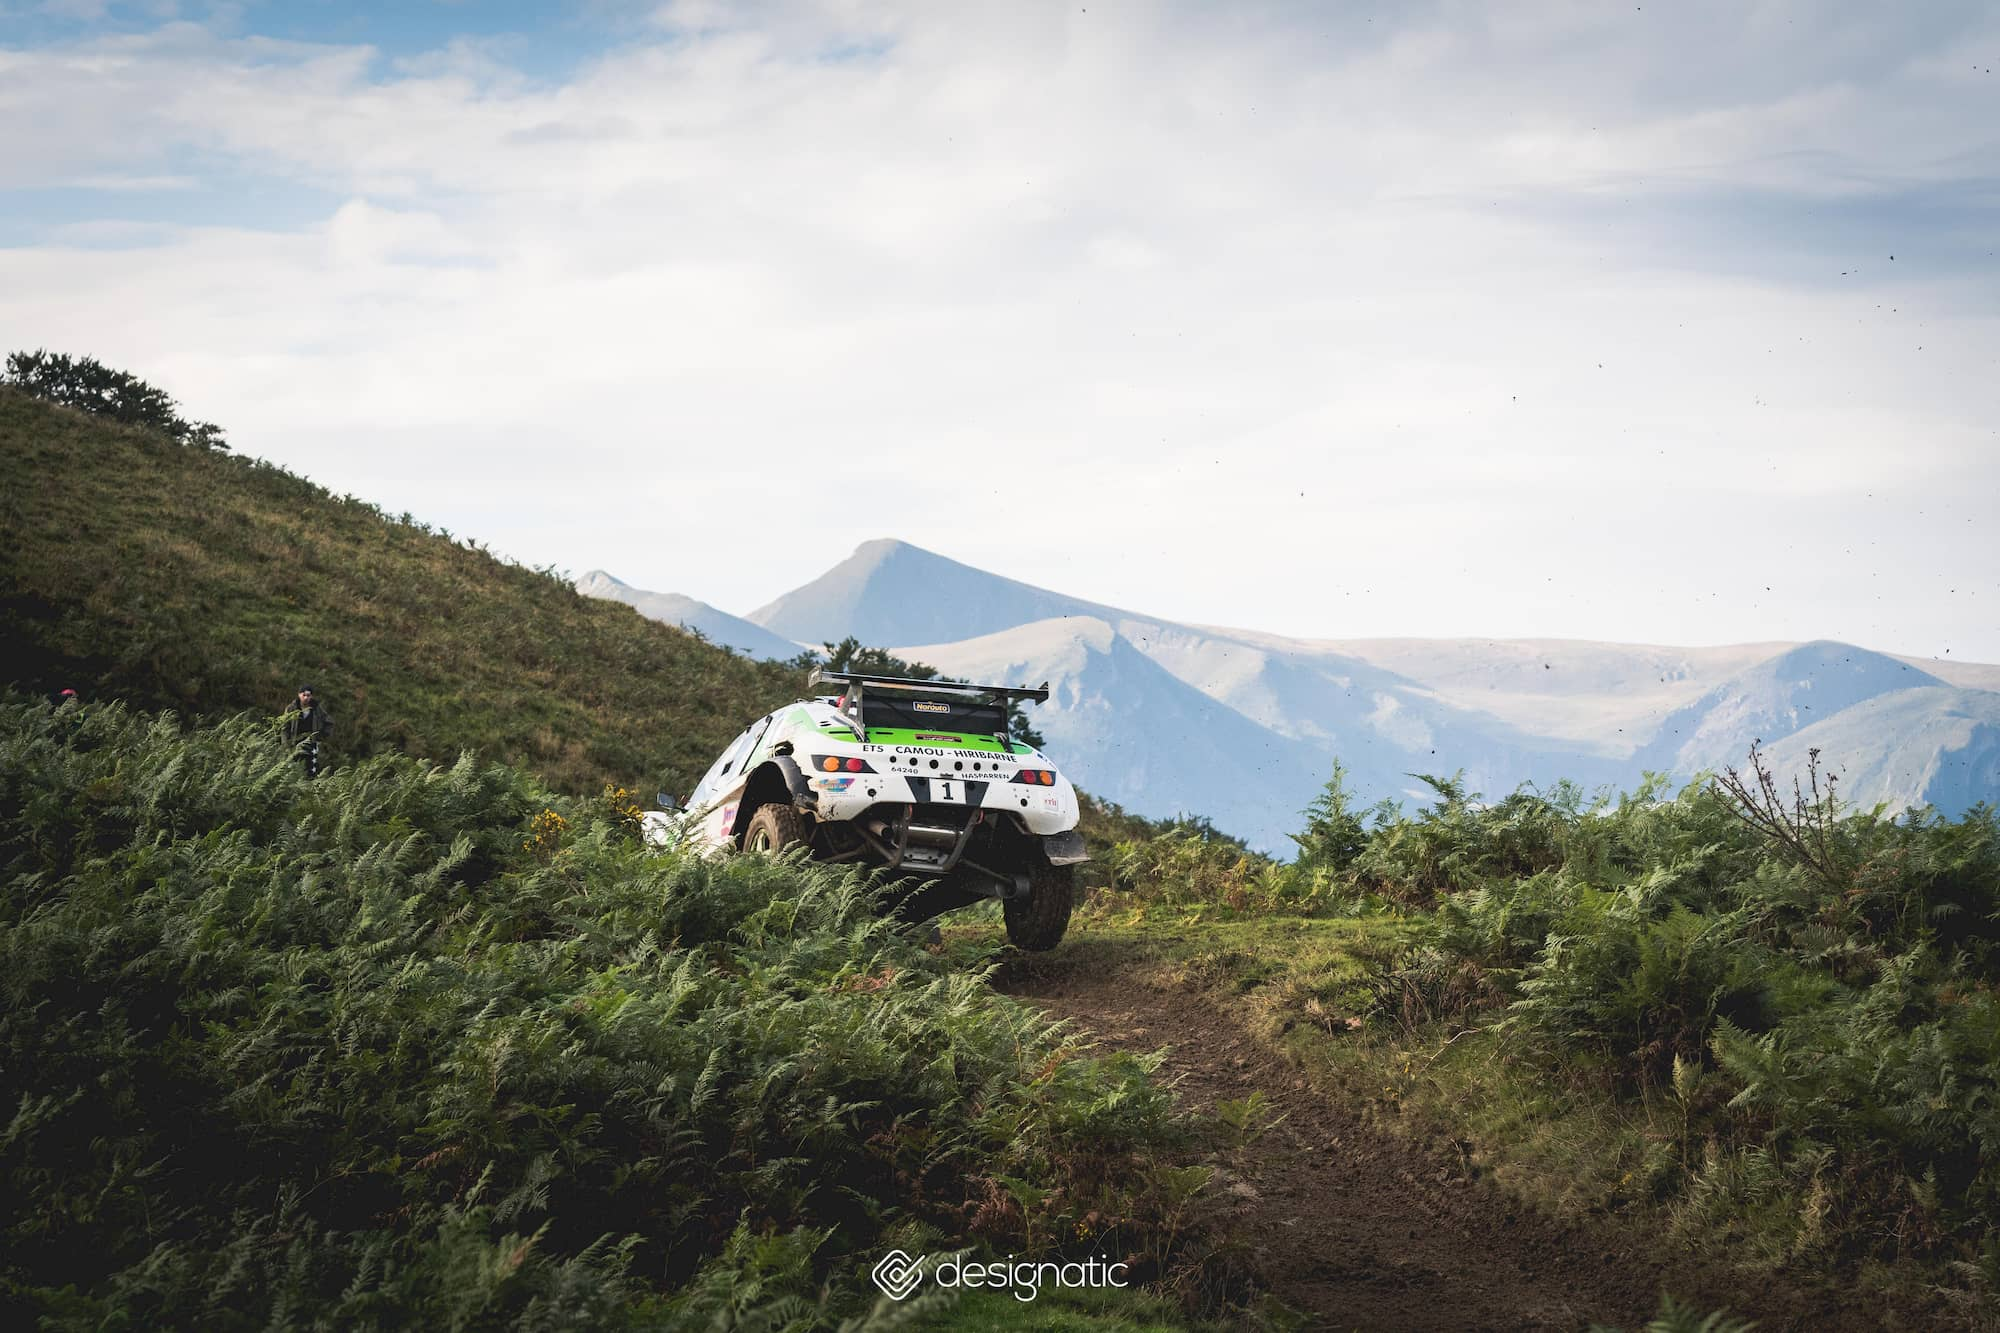 photographie événementiel sport auto automobile championnat de france designatic FFSA Rallye des Cimes pays basque Soule pyrénéens